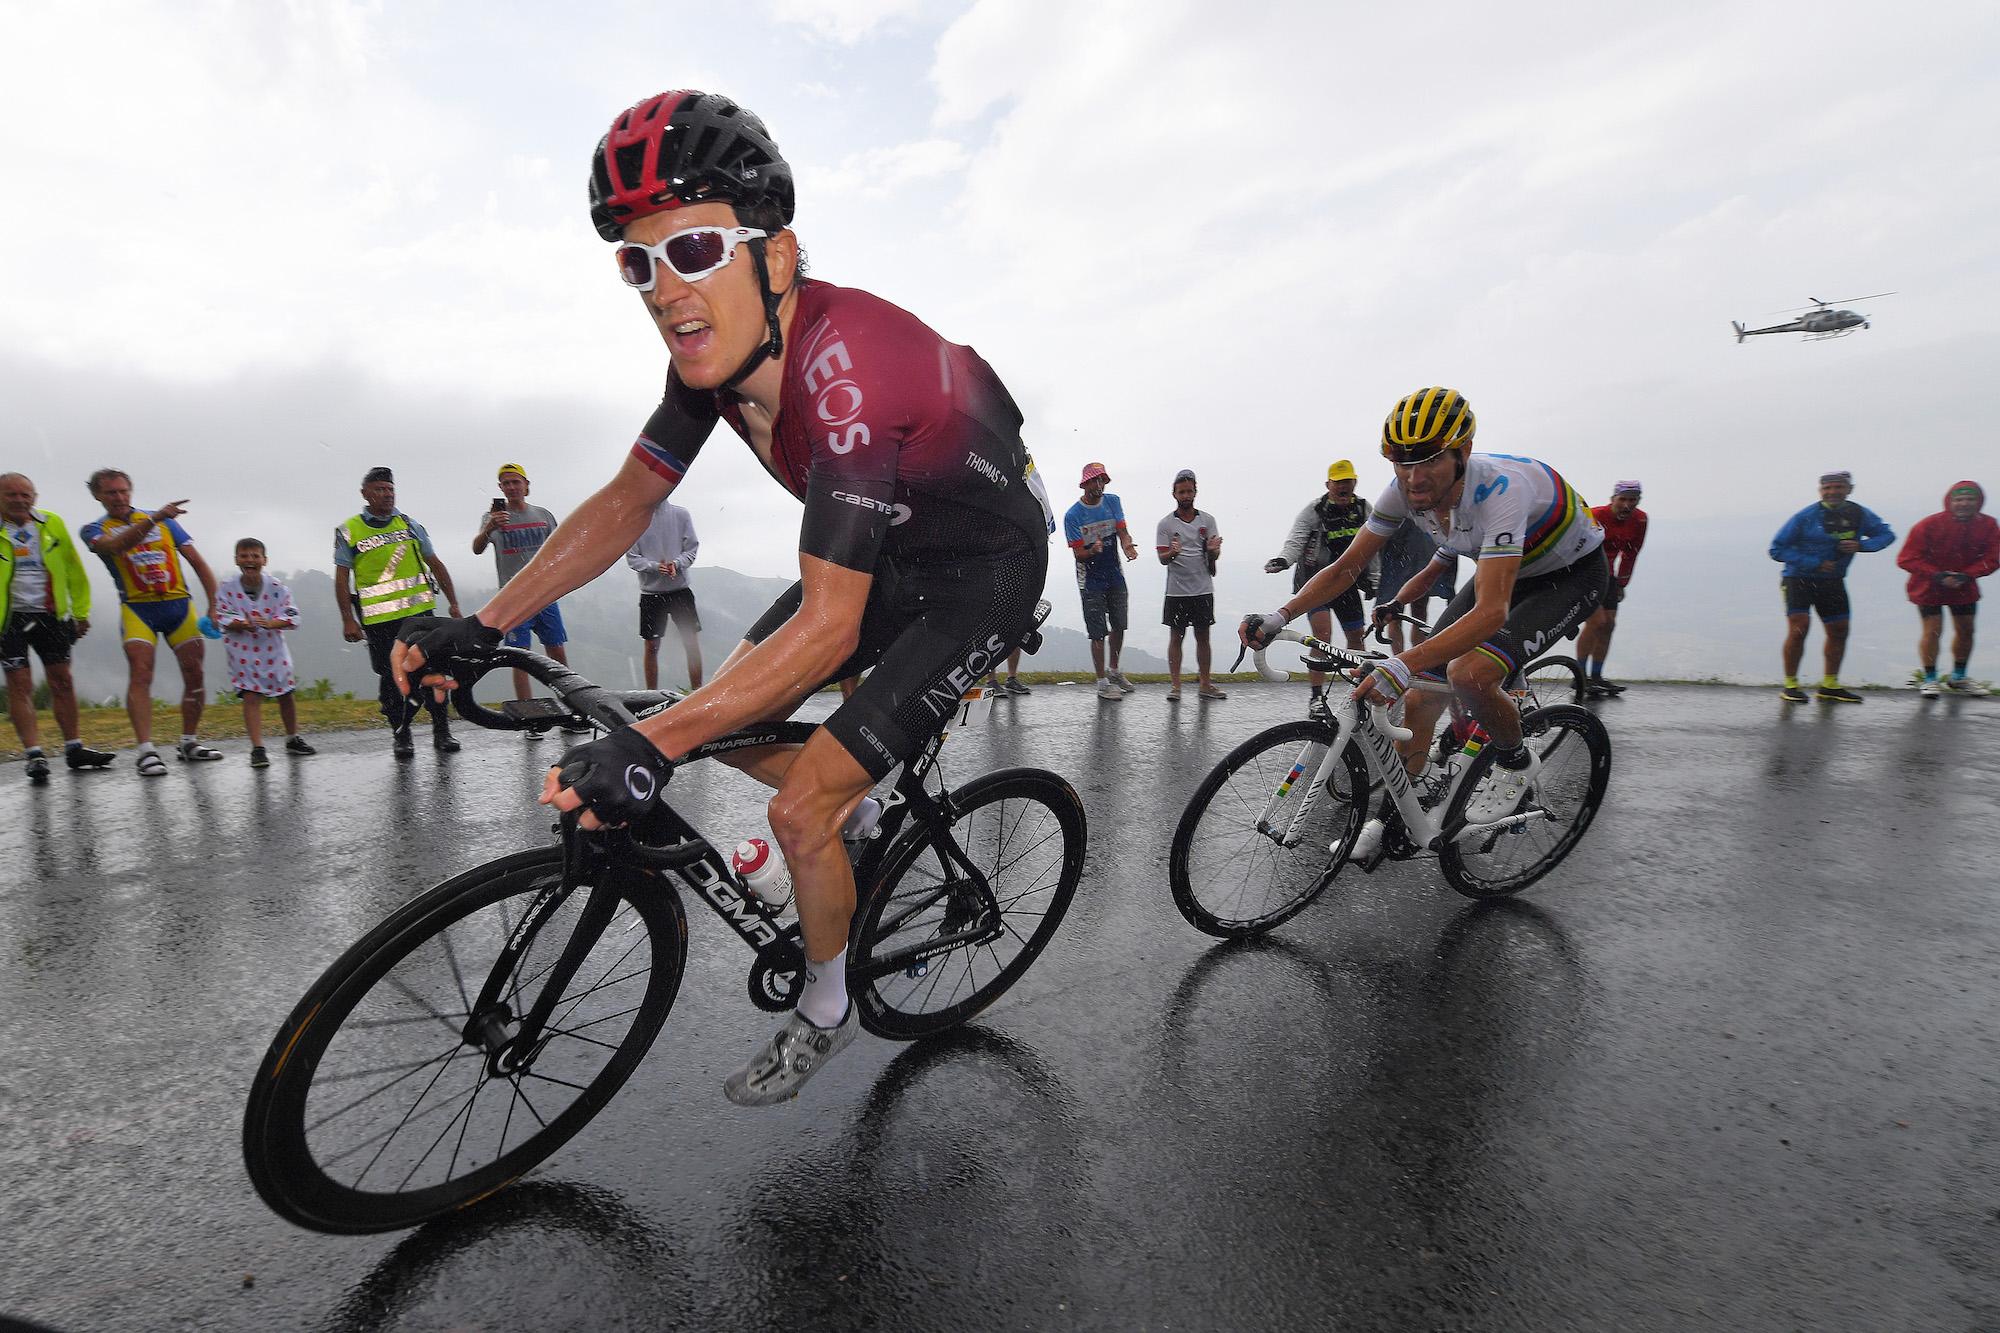 team ineos tour de france team 2019